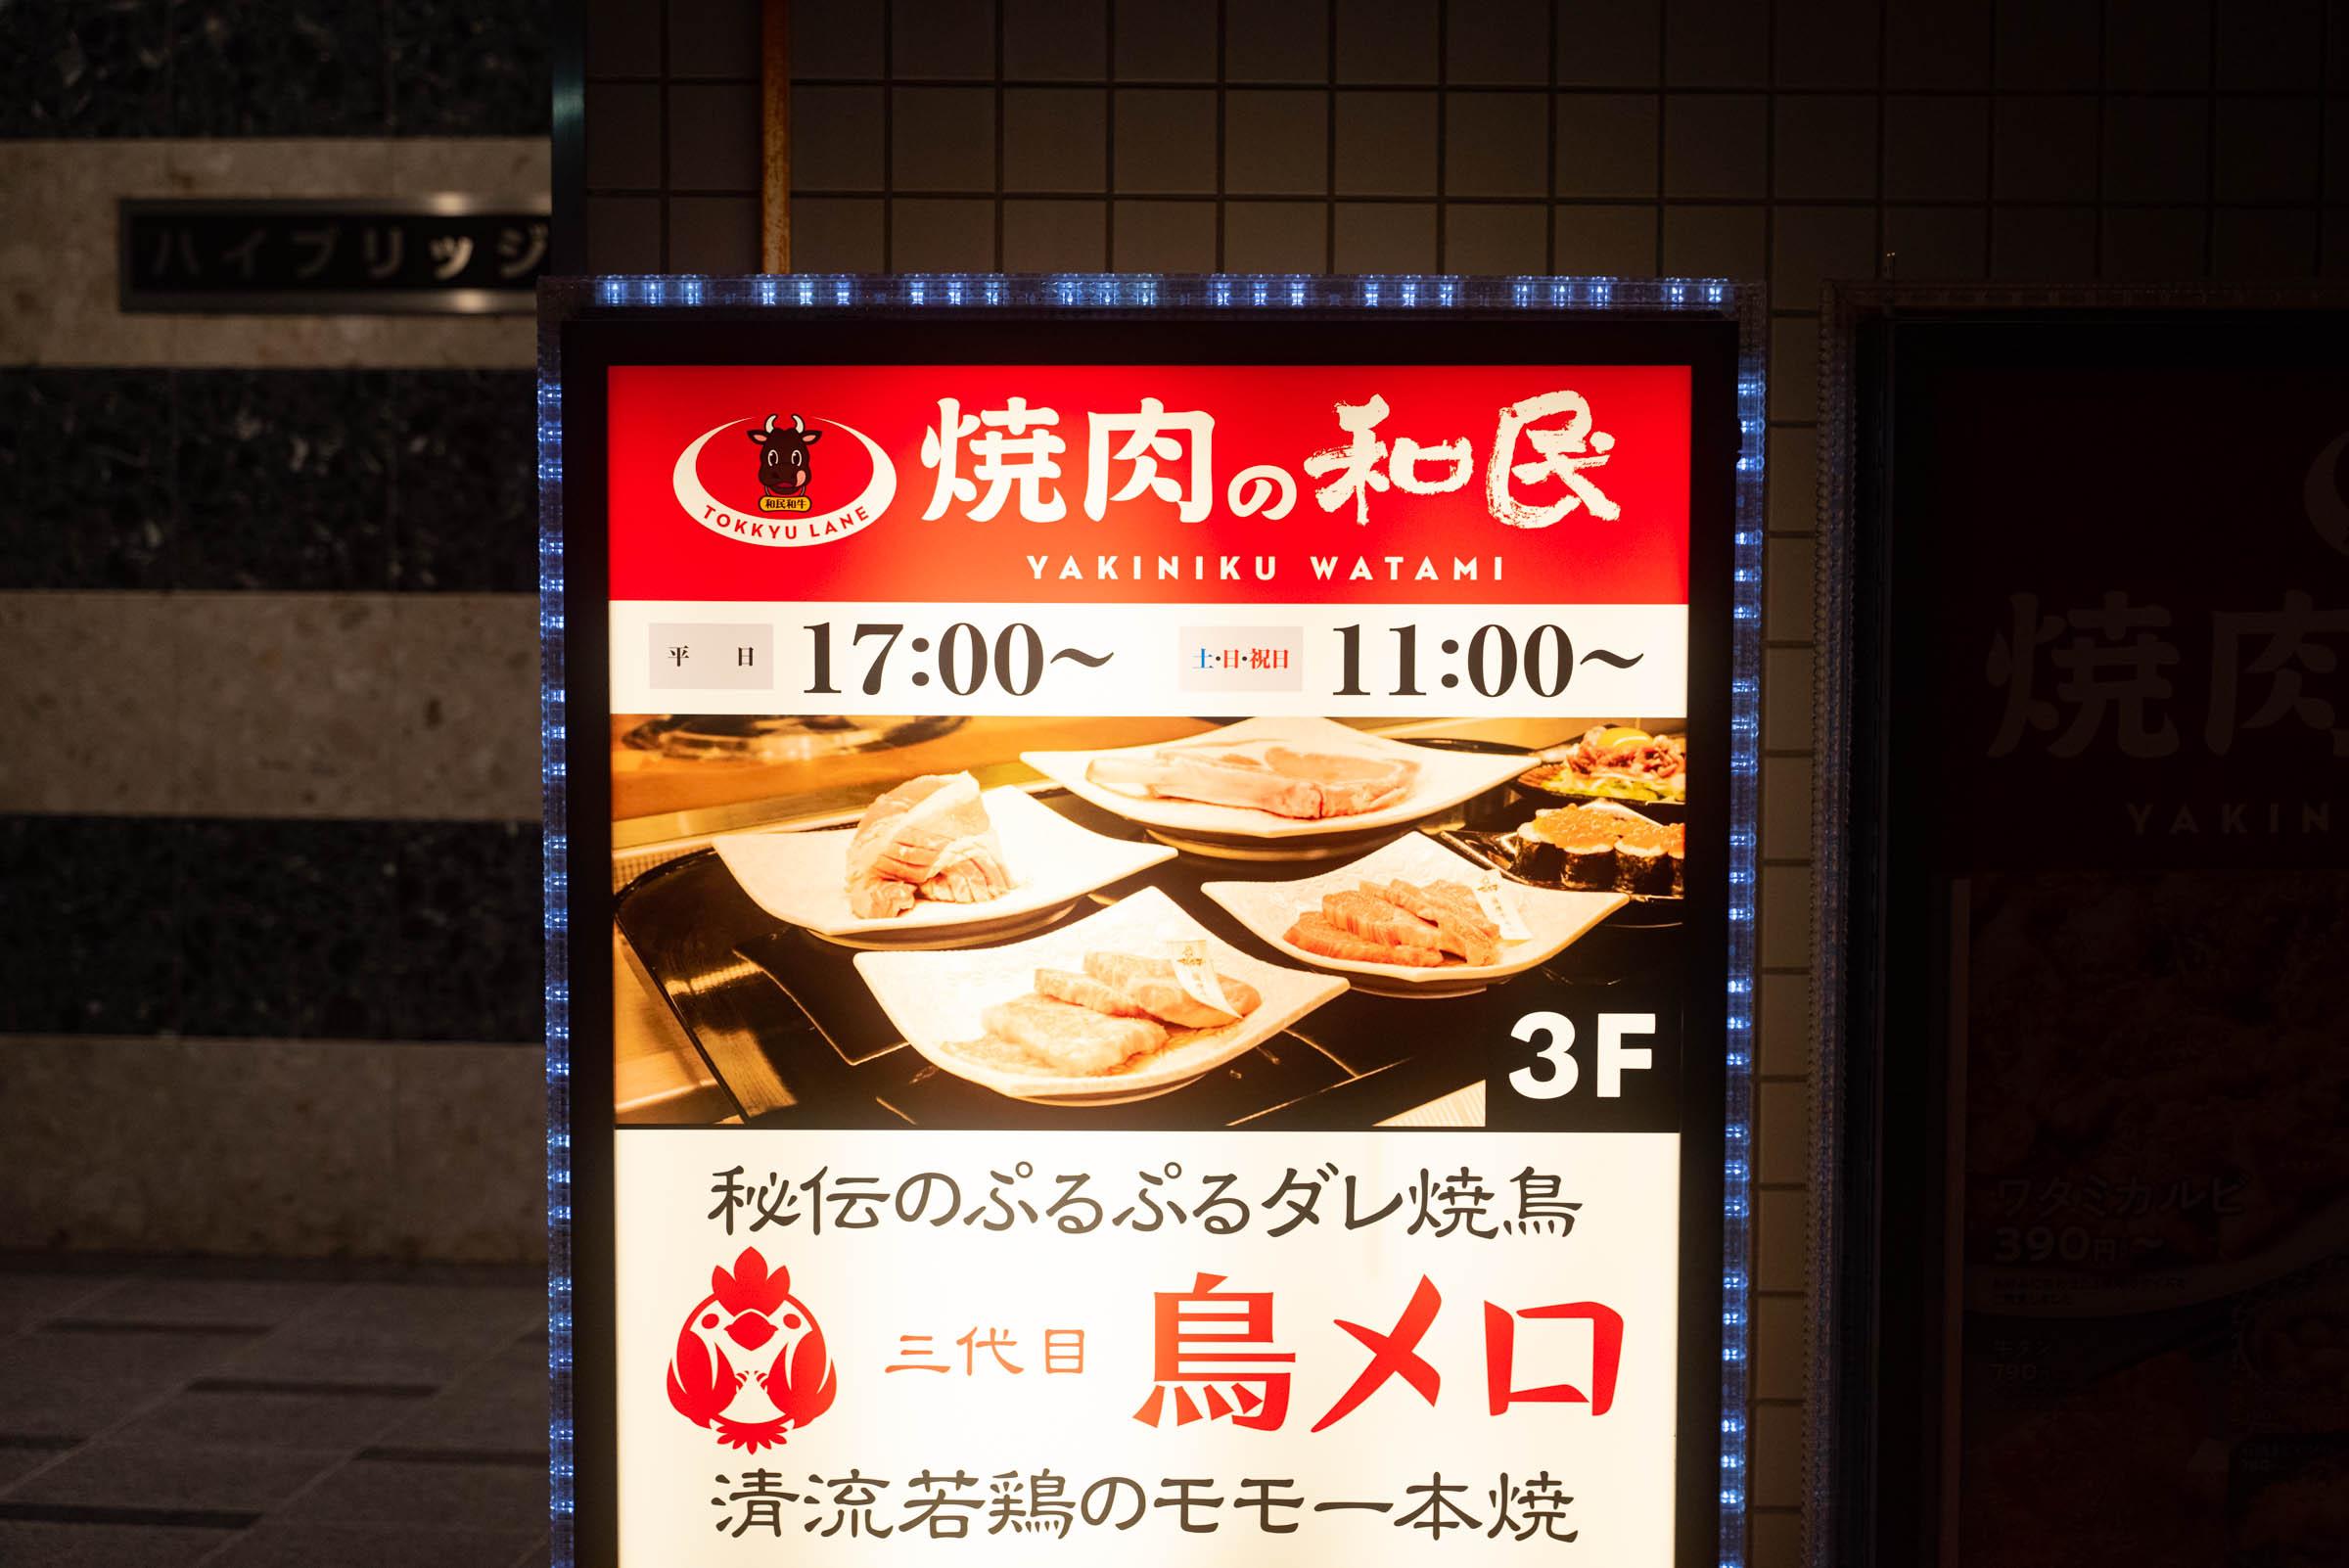 ワタミ 店舗 焼肉 ワタミの焼肉業態「焼肉の和民」1号店でソロ焼肉しての正直な感想 /